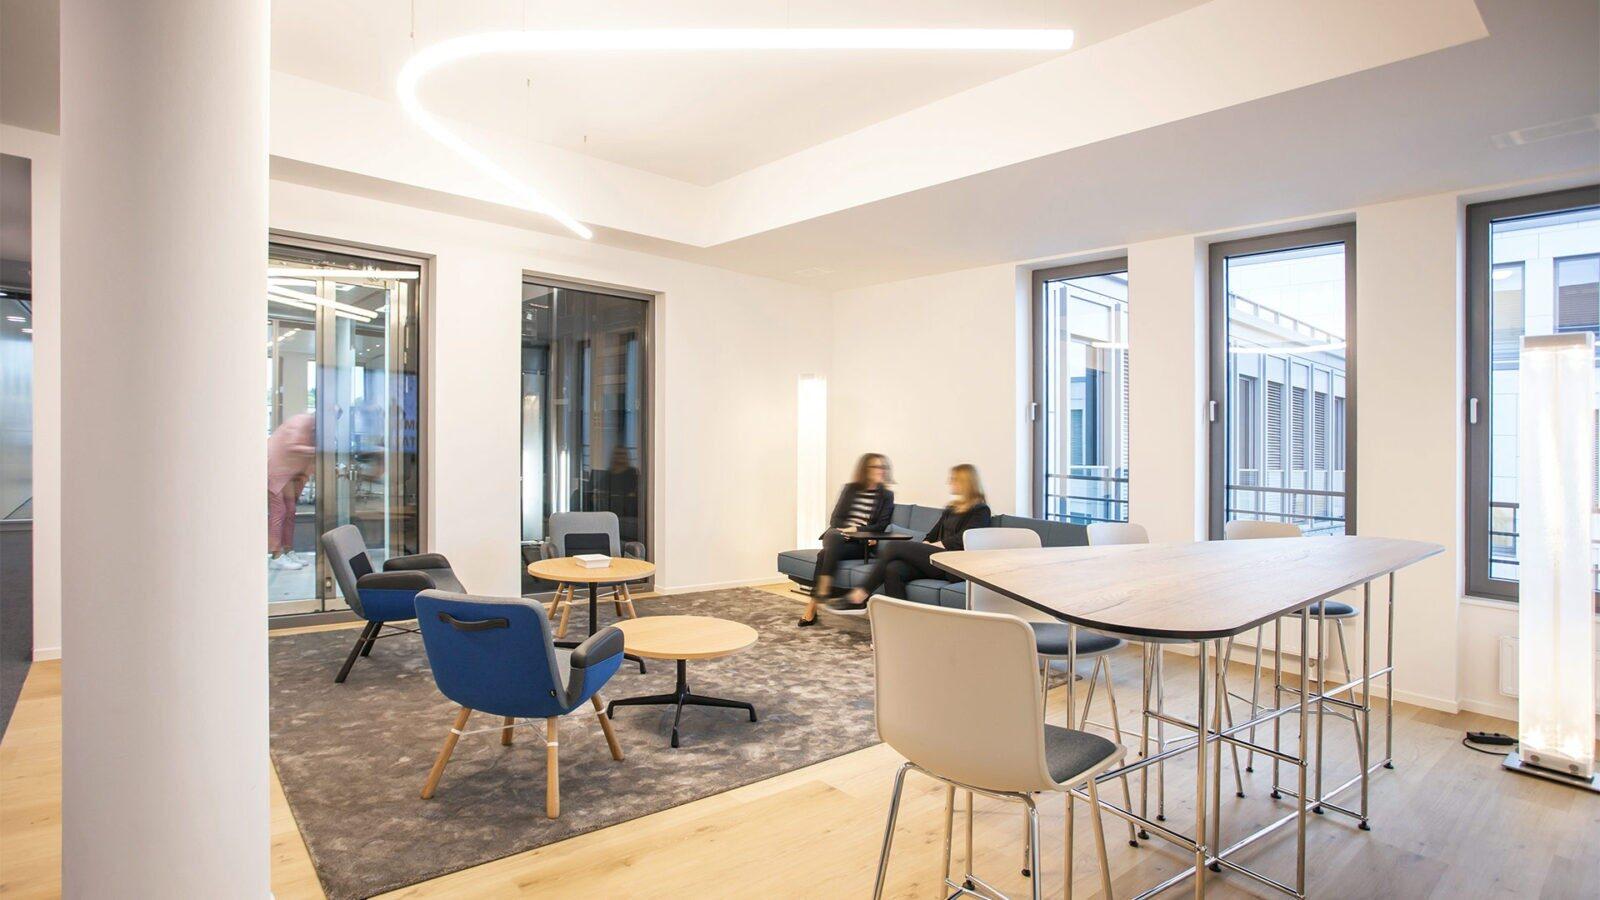 Büroeinrichtung mit Konzept: Lounge Bereich mit bequemen Sesseln, Sofa und Stehtisch für spontane Besprechungen